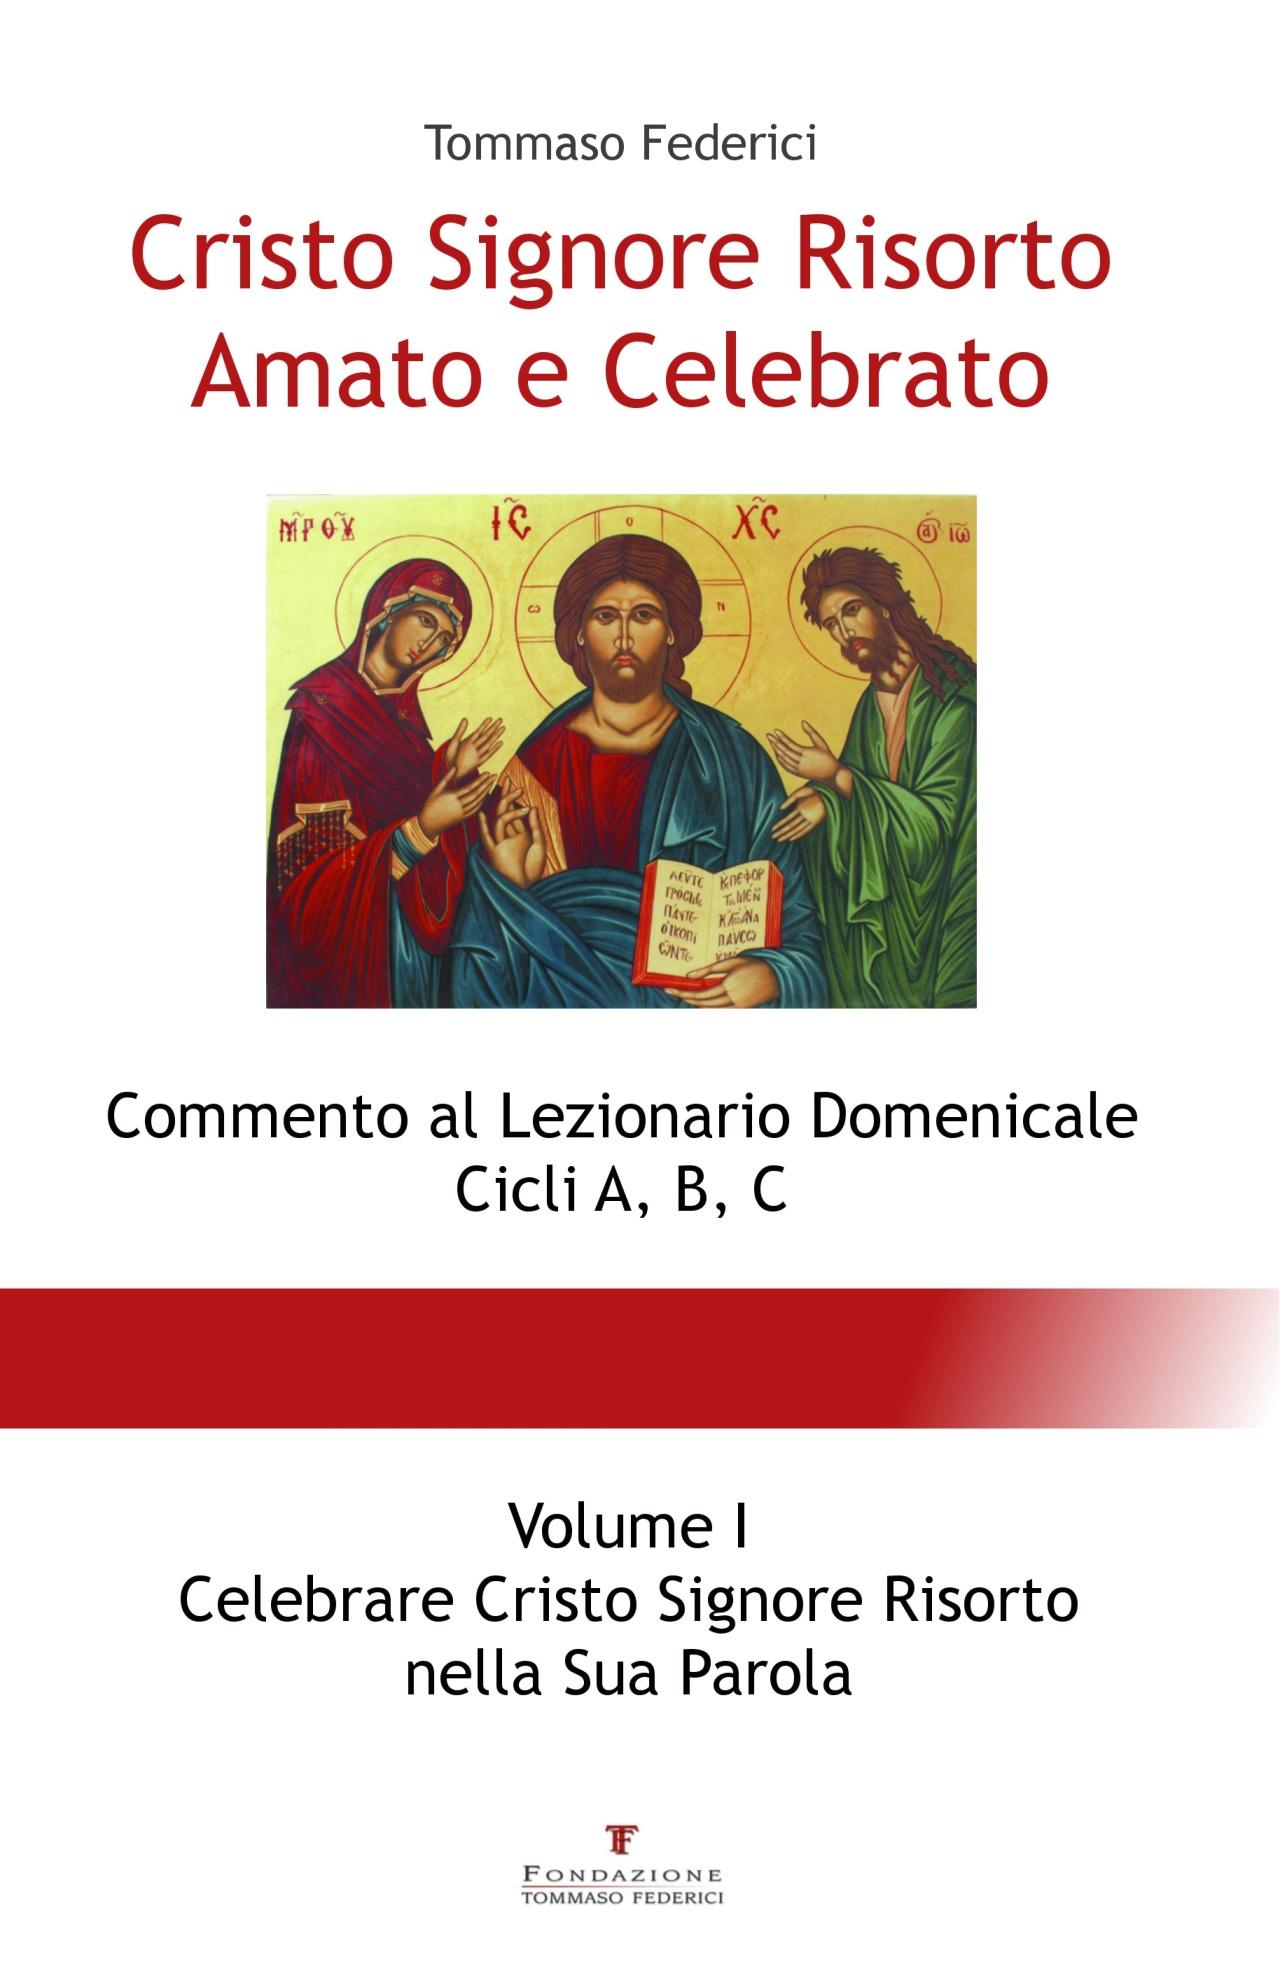 Cristo Signore Risorto Amato e Celebrato_Volume I_Introduzione